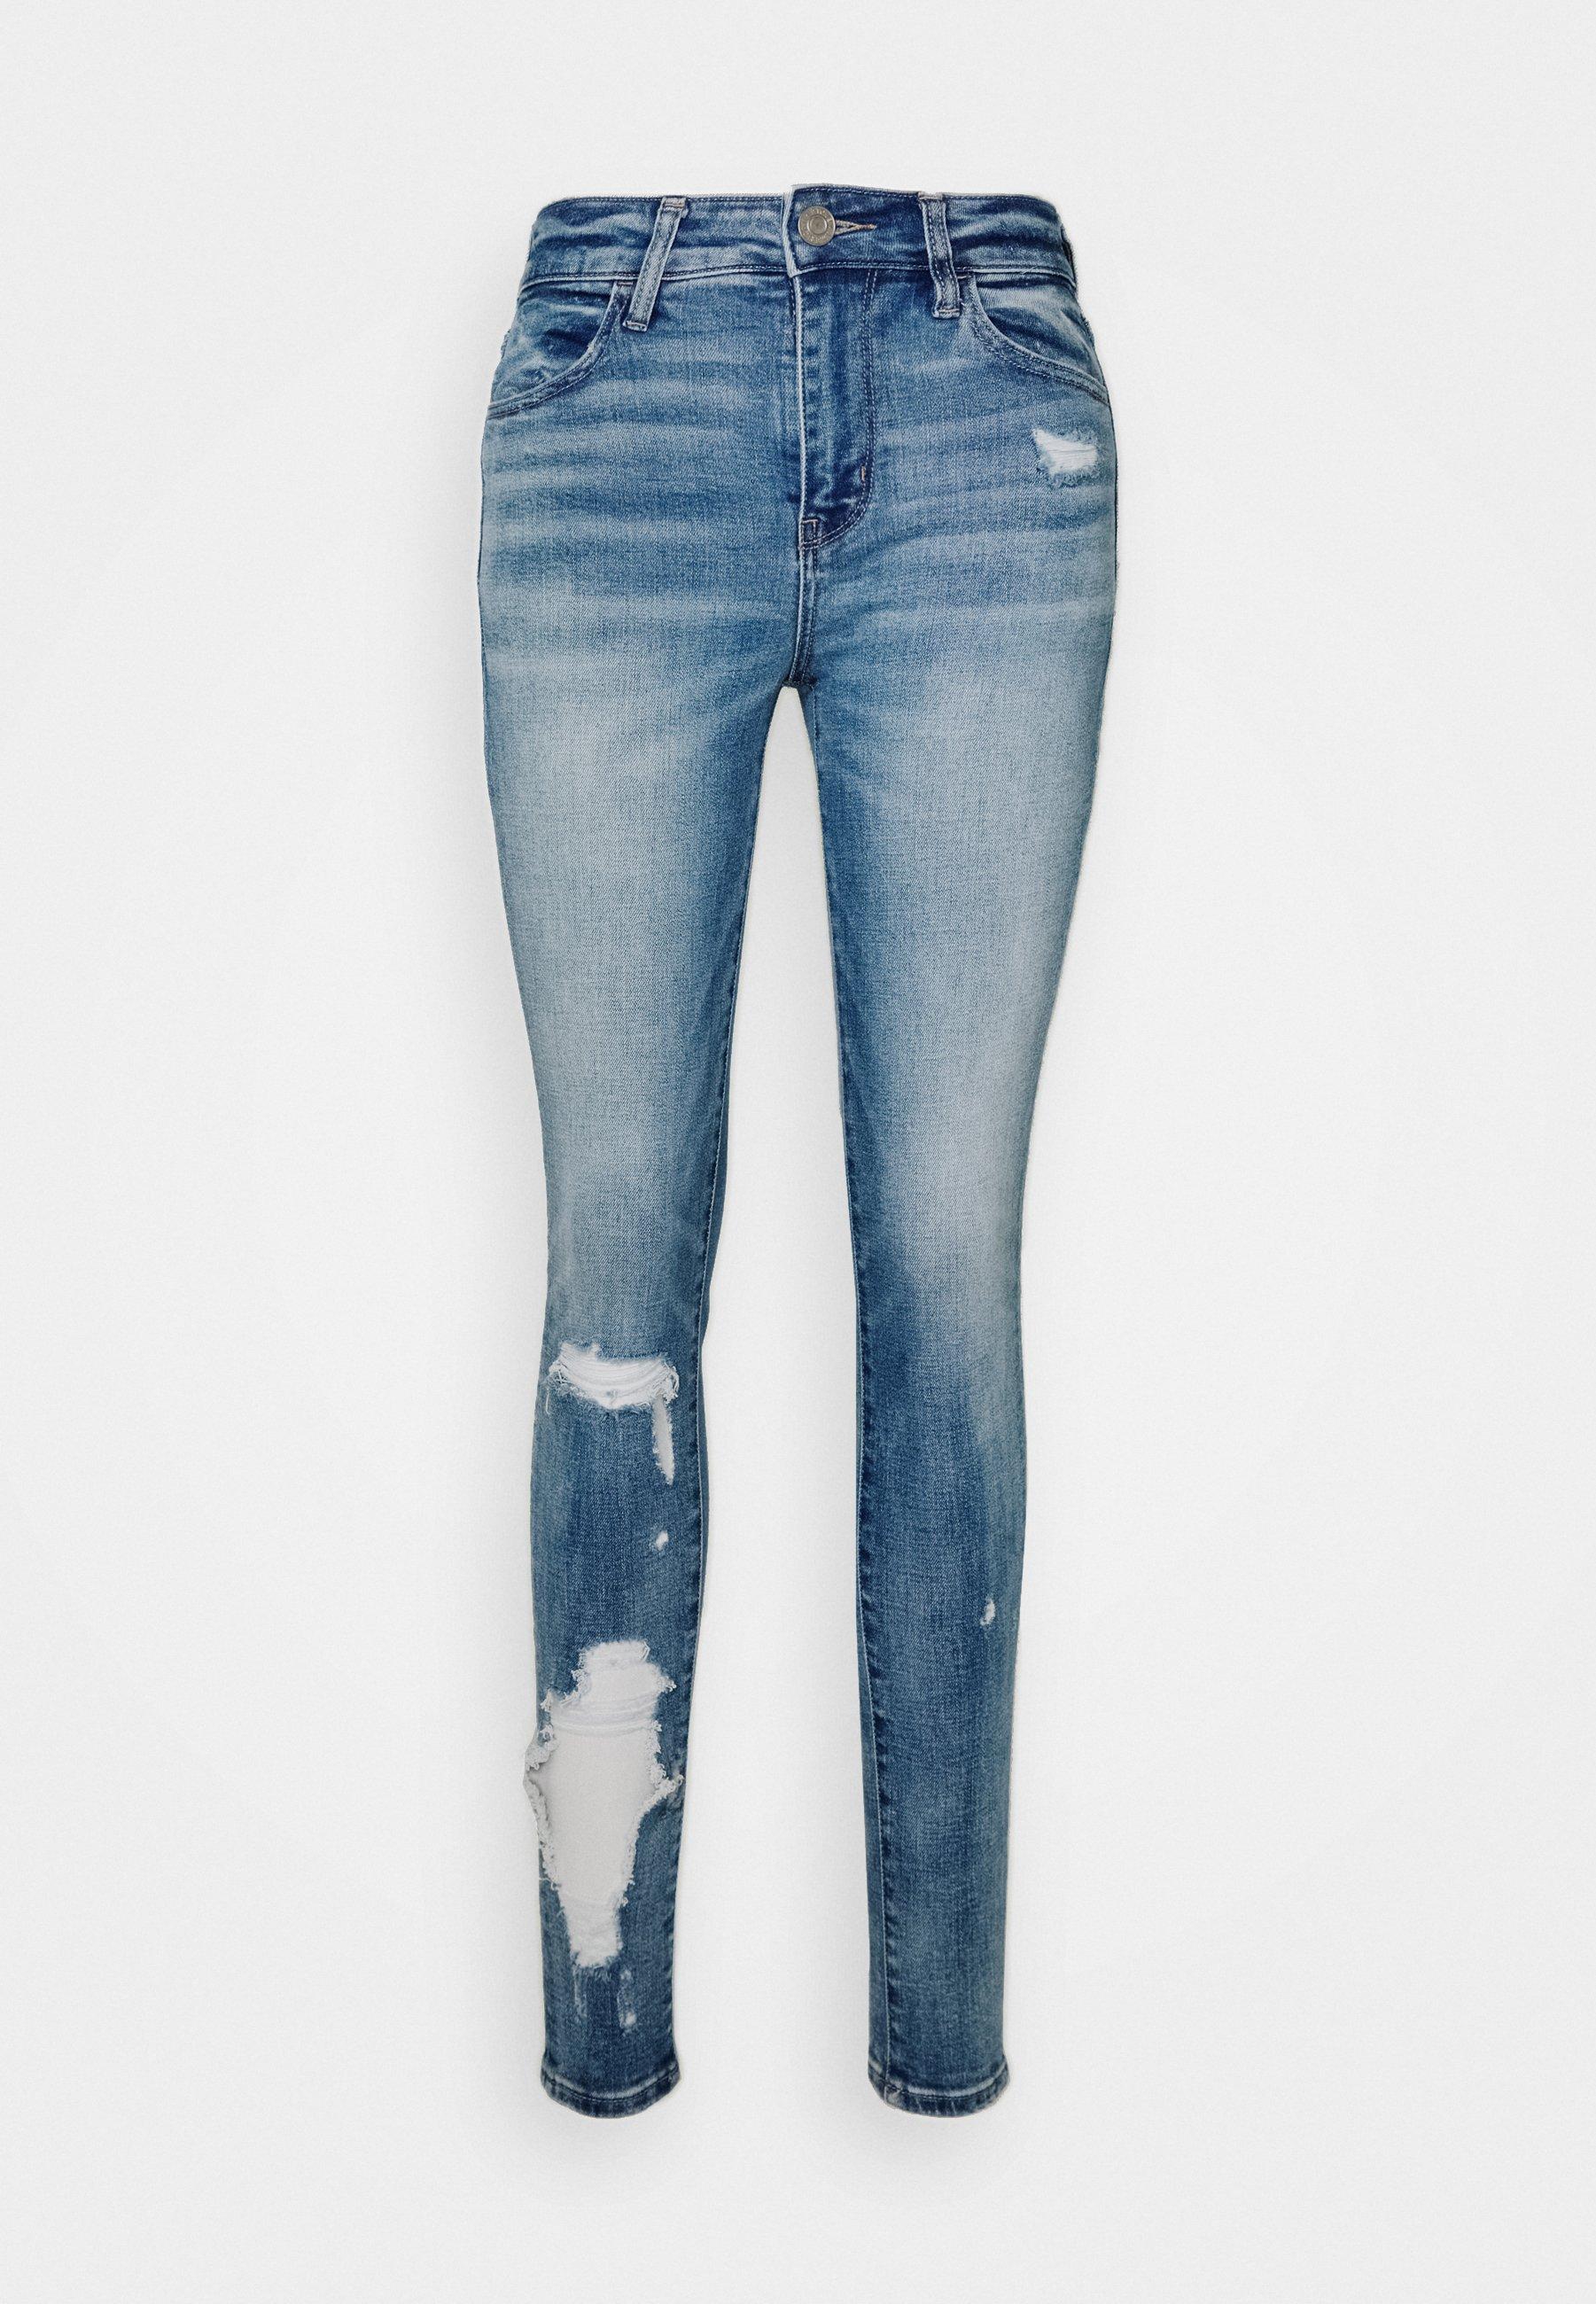 American Eagle Hi Rise Jegging - Jeans Skinny Medium Vintage